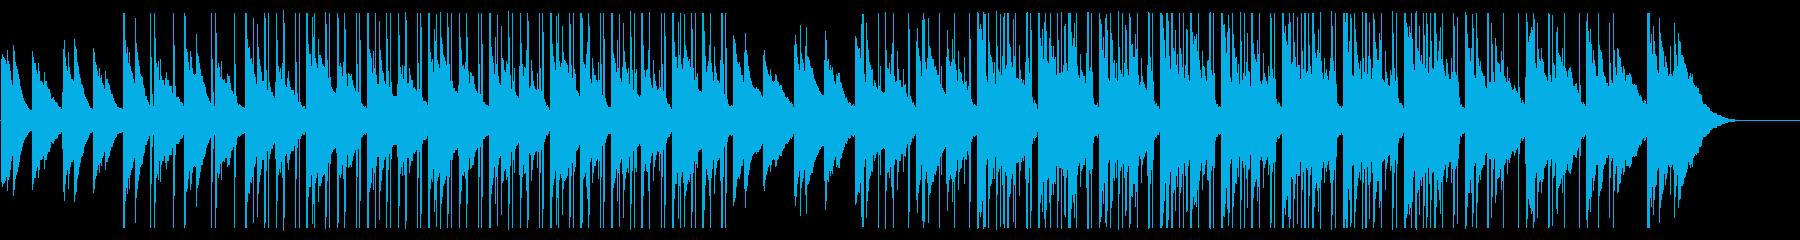 エレピとギターのメロウな雰囲気のBGMの再生済みの波形